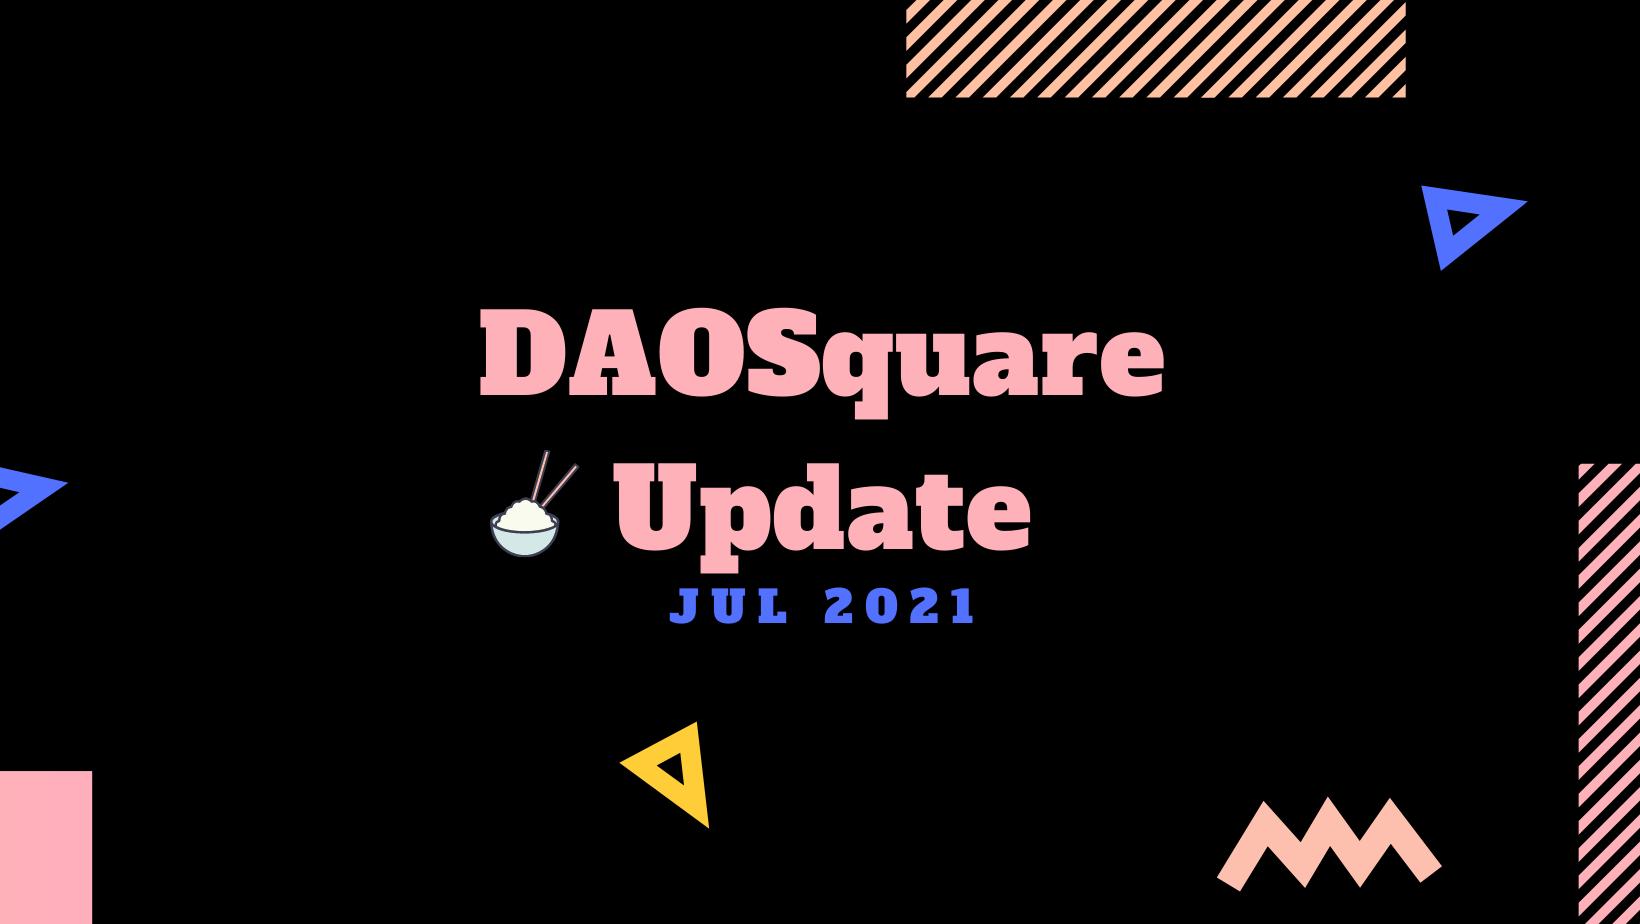 DAOSquare 月报 - 七月